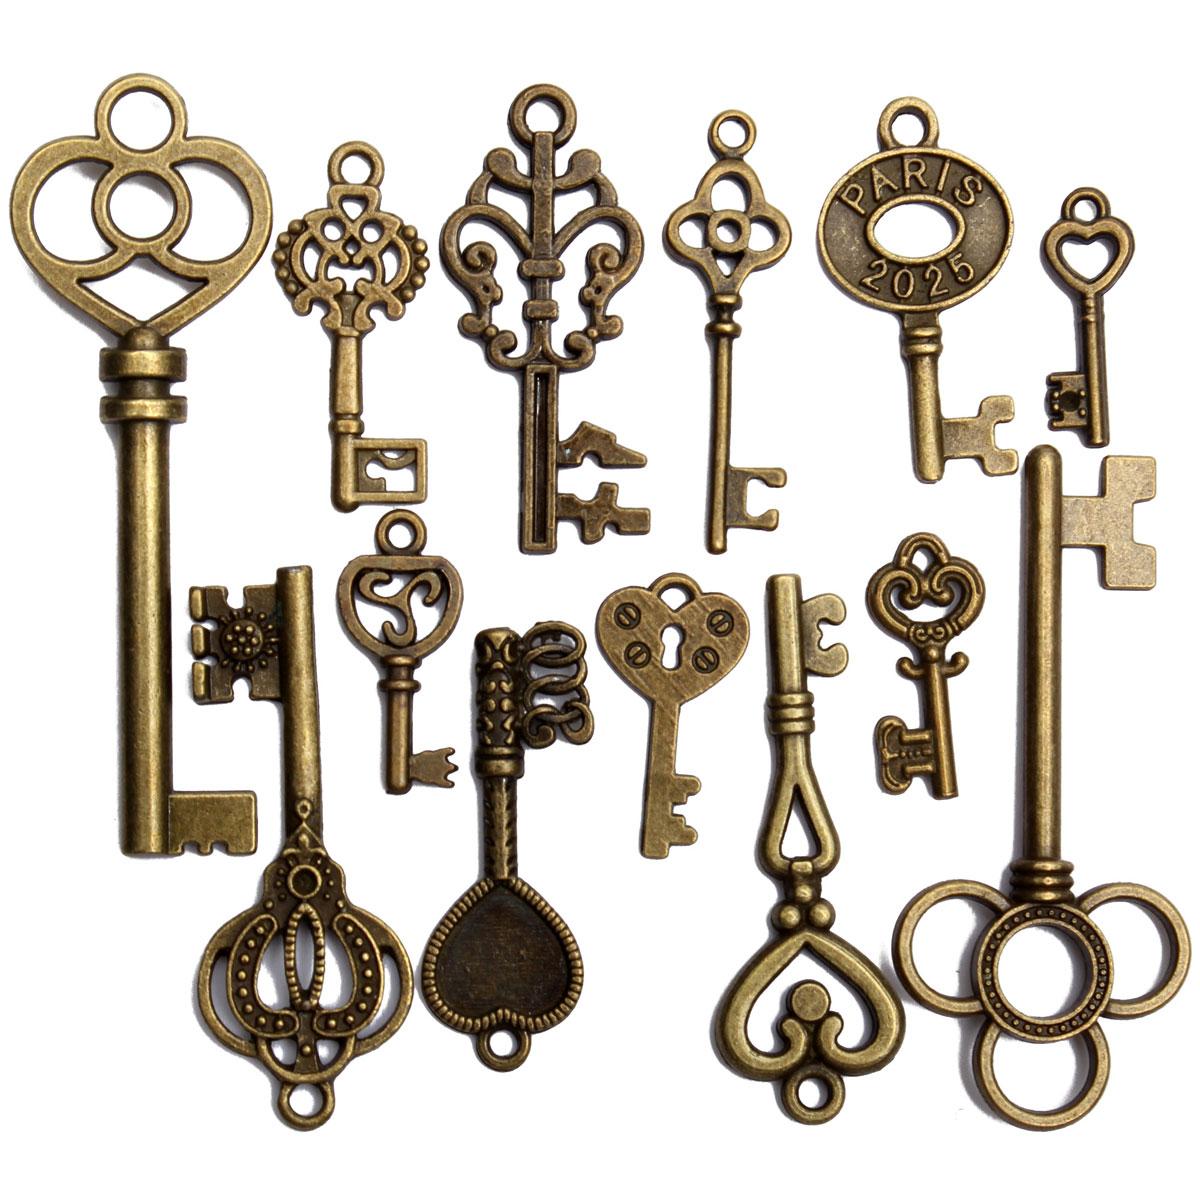 13 assorted antique vintage vtg old look skeleton keys for Antique looking keys